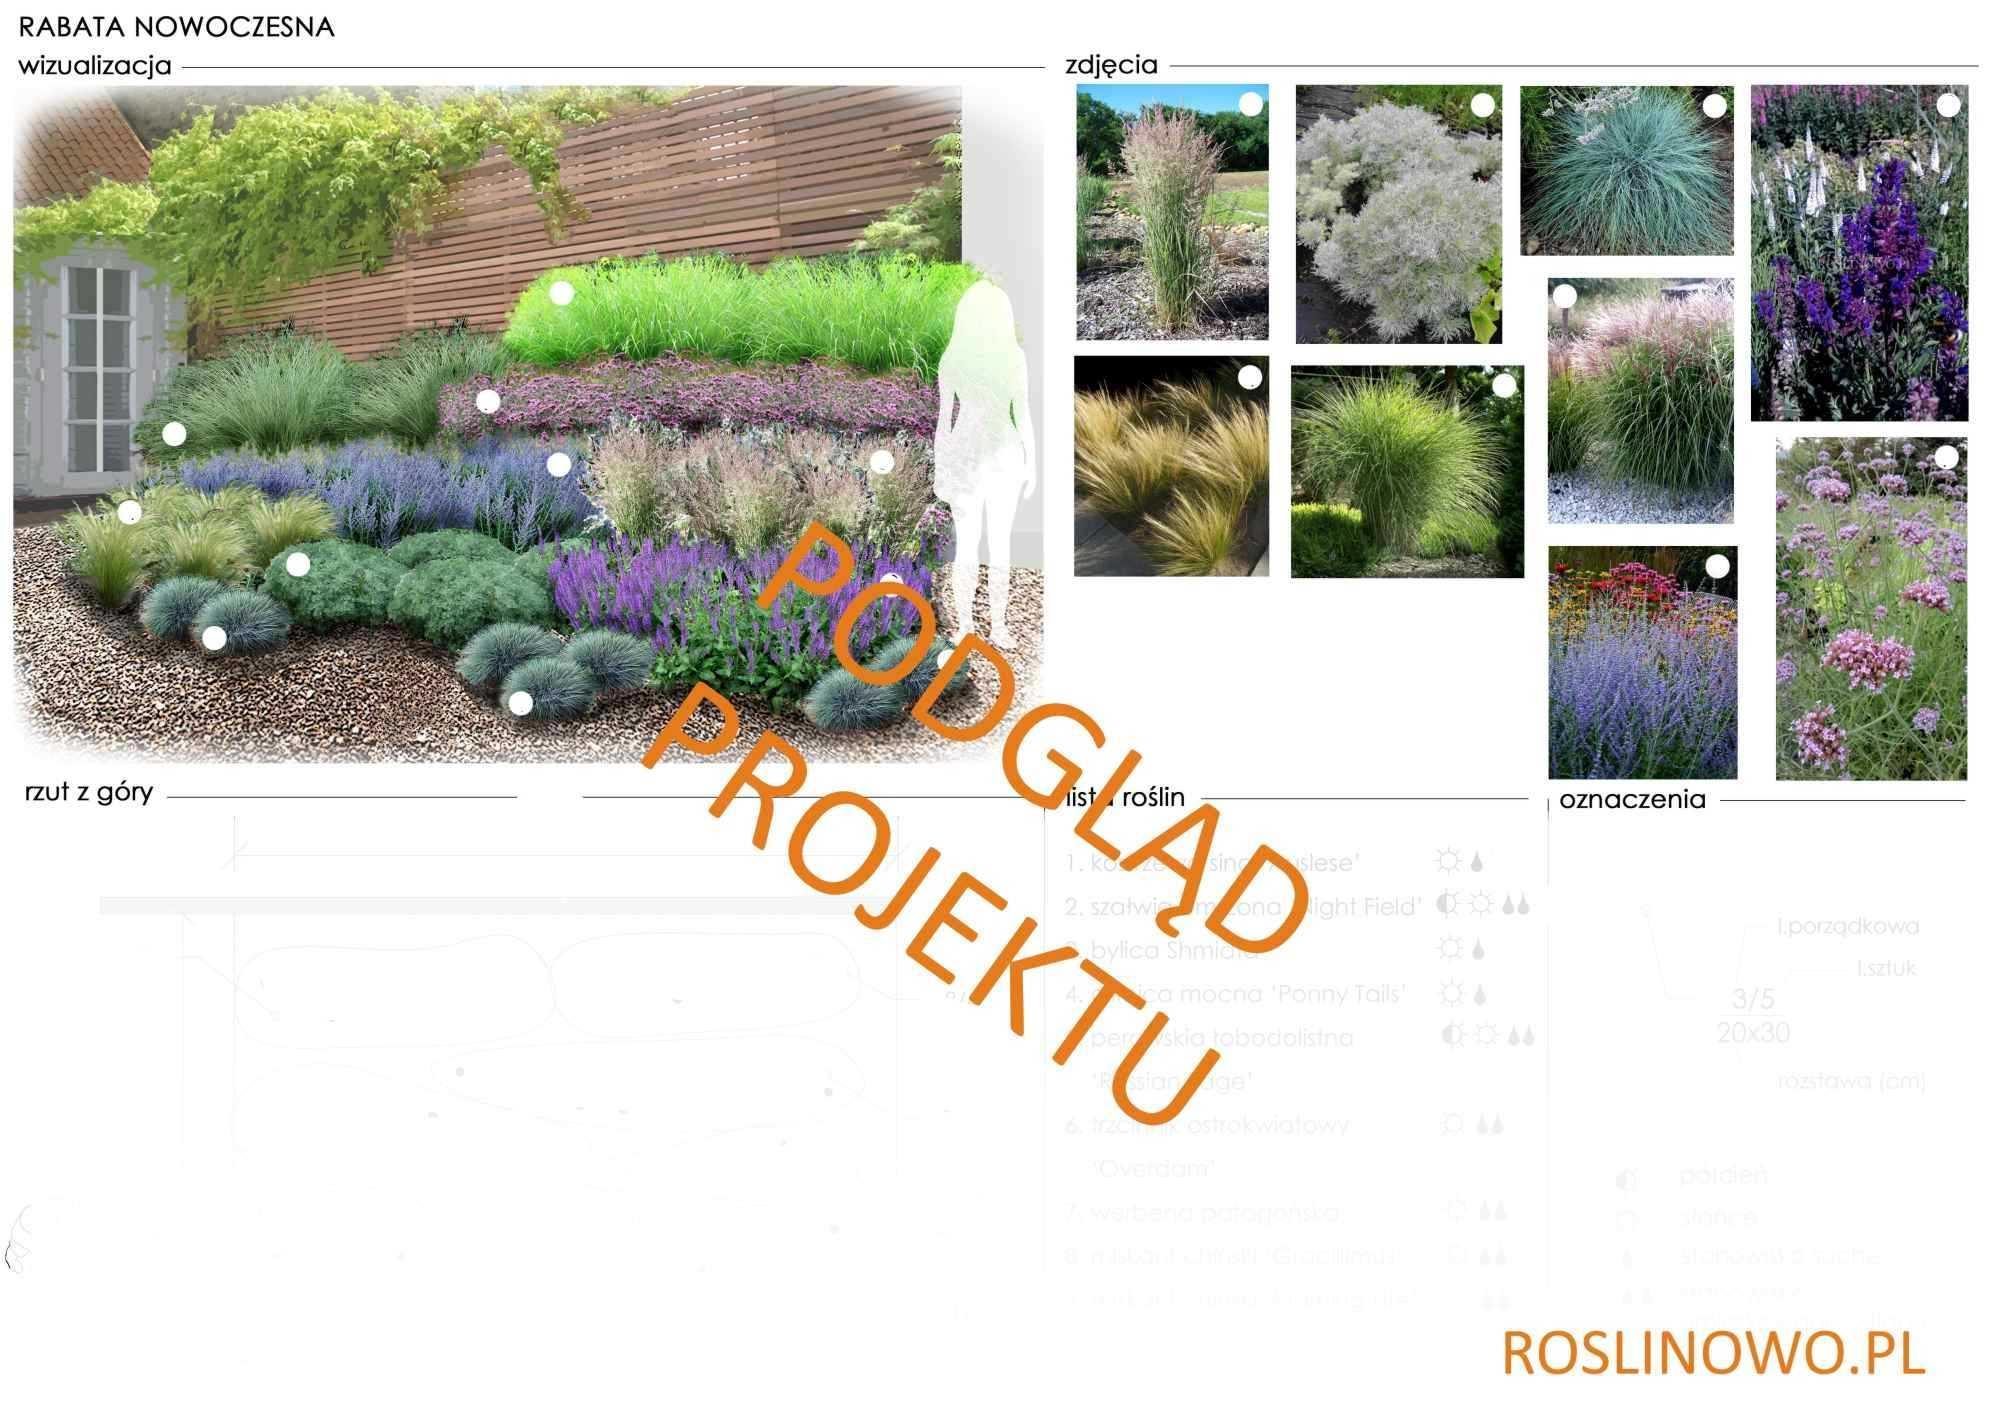 projekt nasadzeń roślin na rabacie nowoczesnej